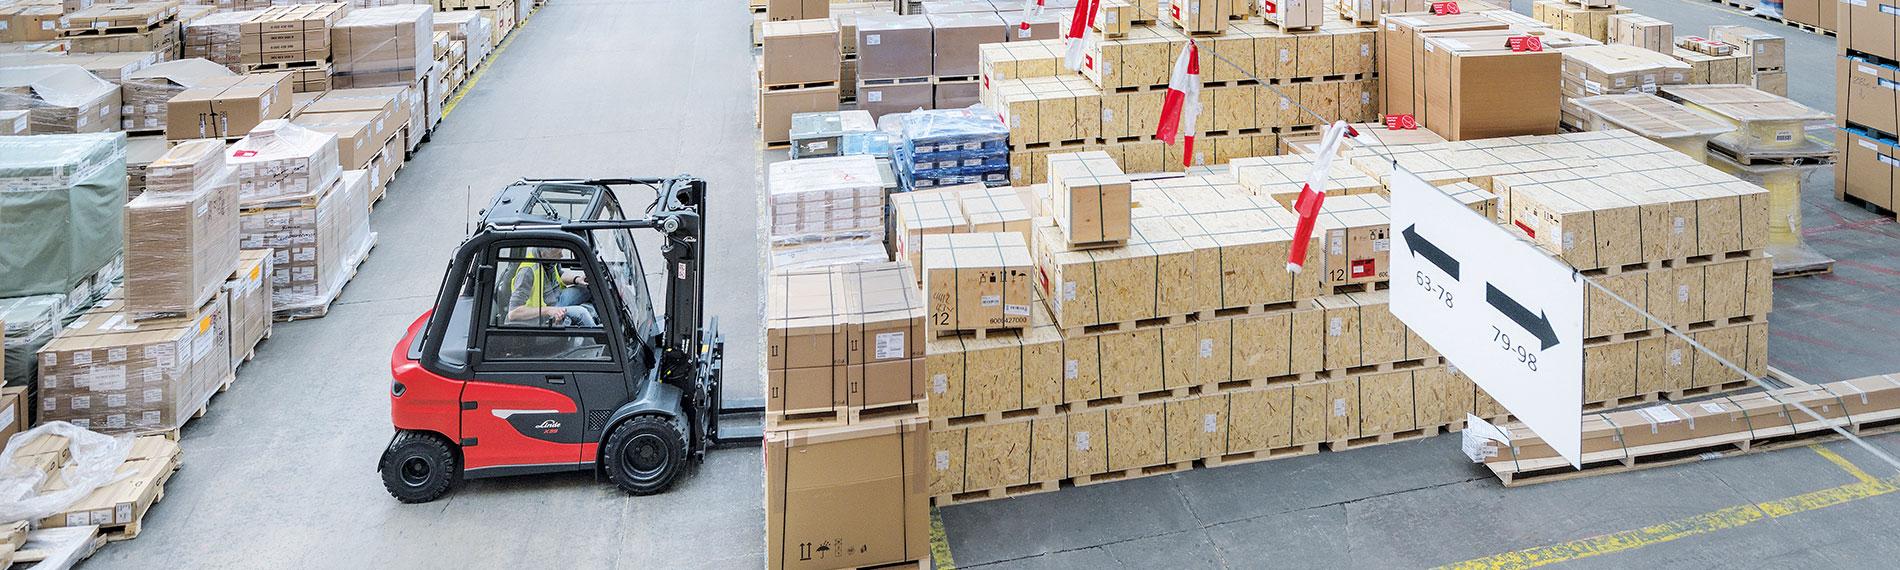 linde x20 x35 in warenhaus gabelstapler von holzkisten umgeben